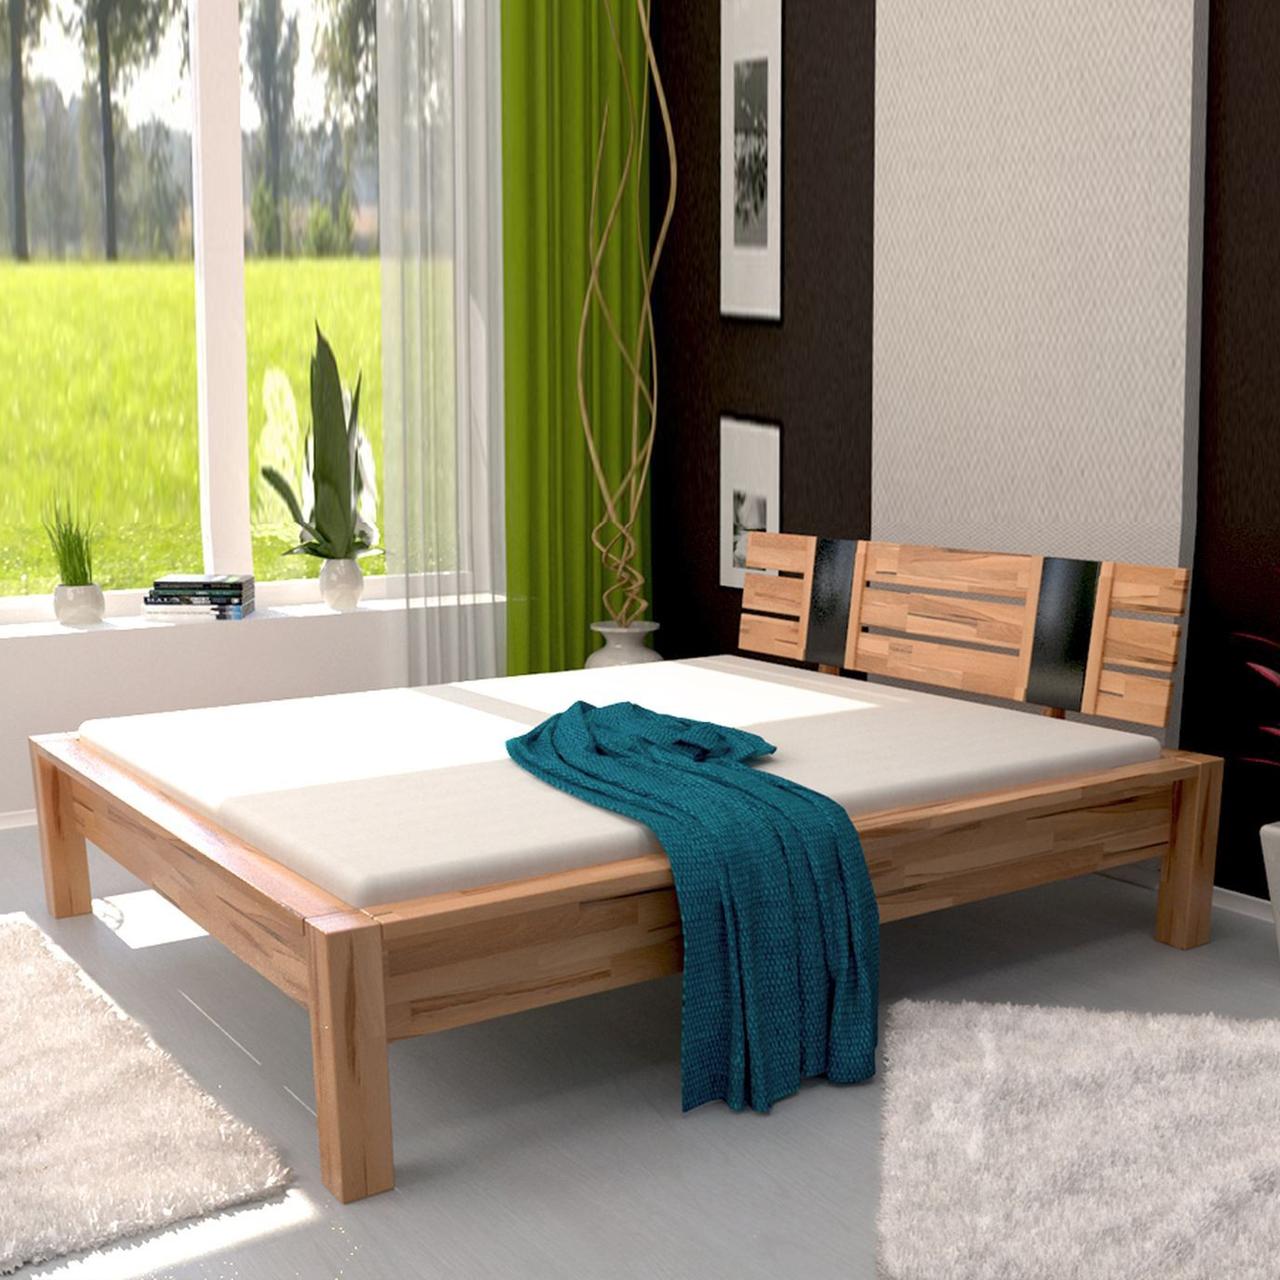 Ліжко дерев'яне двоспальне B100